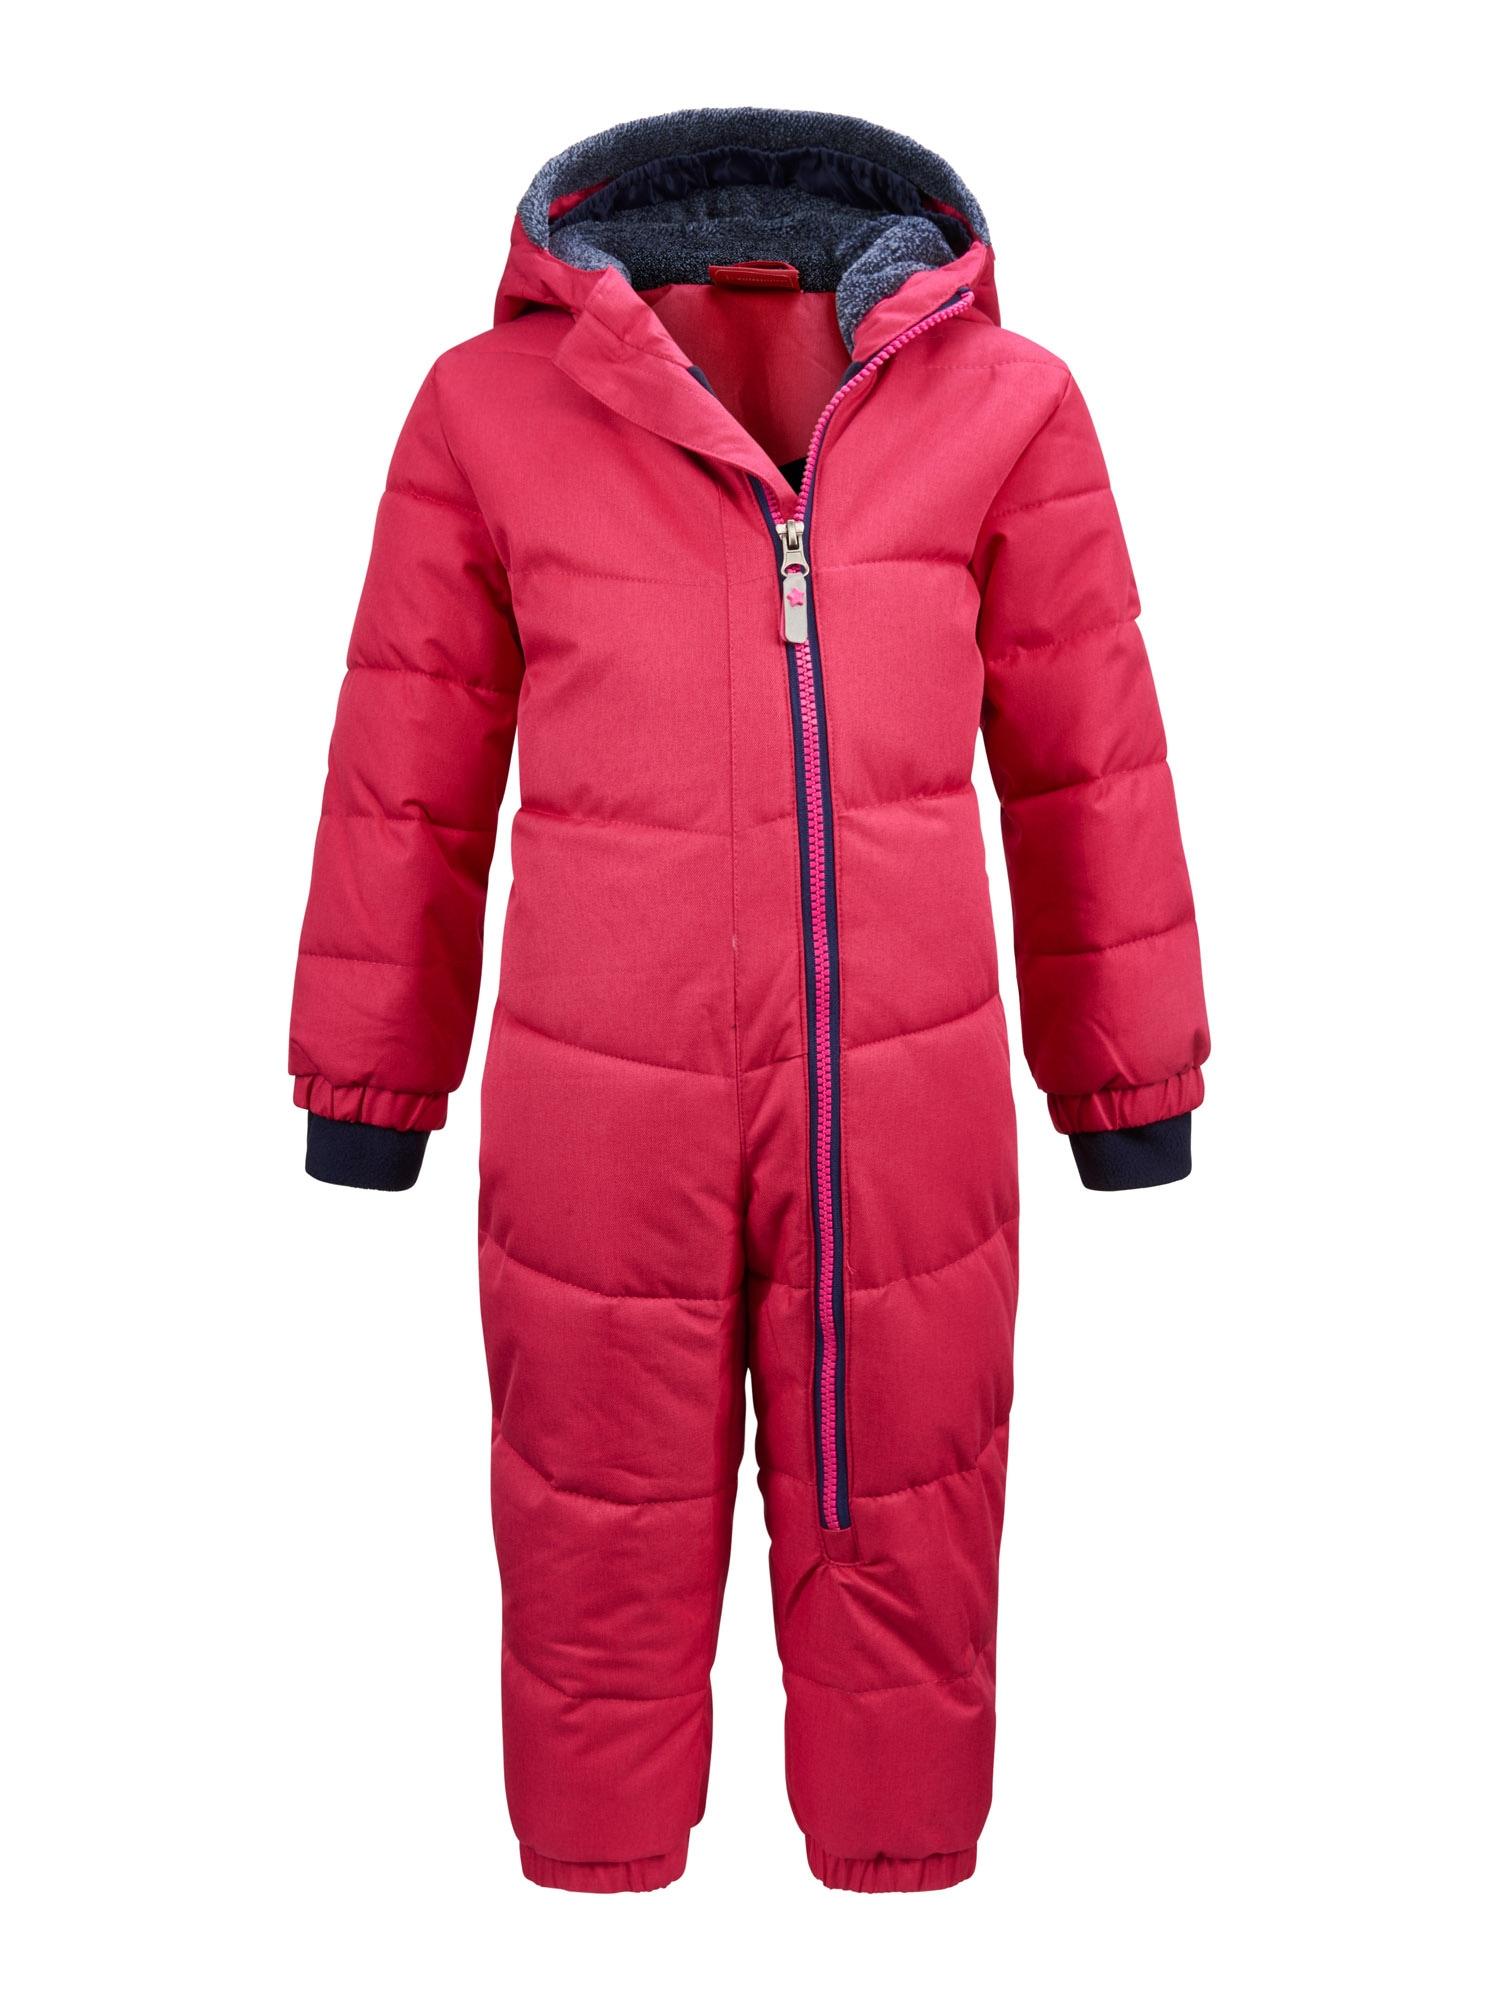 KILLTEC Sportinis kostiumas 'Twinkly' rožinė / tamsiai mėlyna